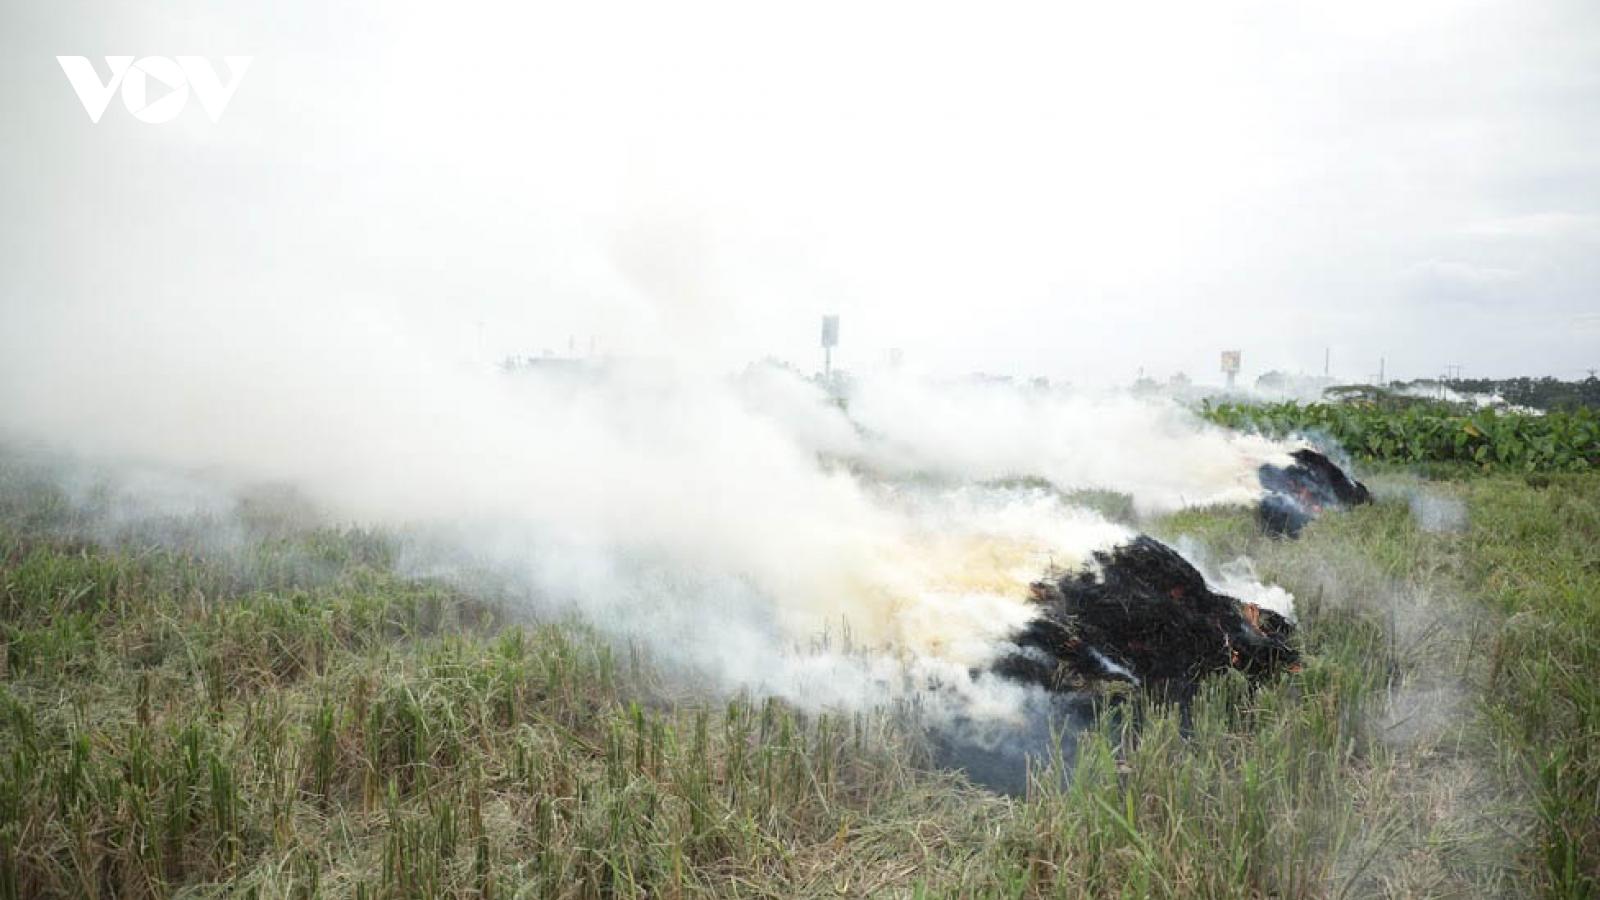 Bộ TN&MT yêu cầu tăng cường kiểm tra, xử lý nghiêm việc đốt rơm rạ gây ô nhiễm